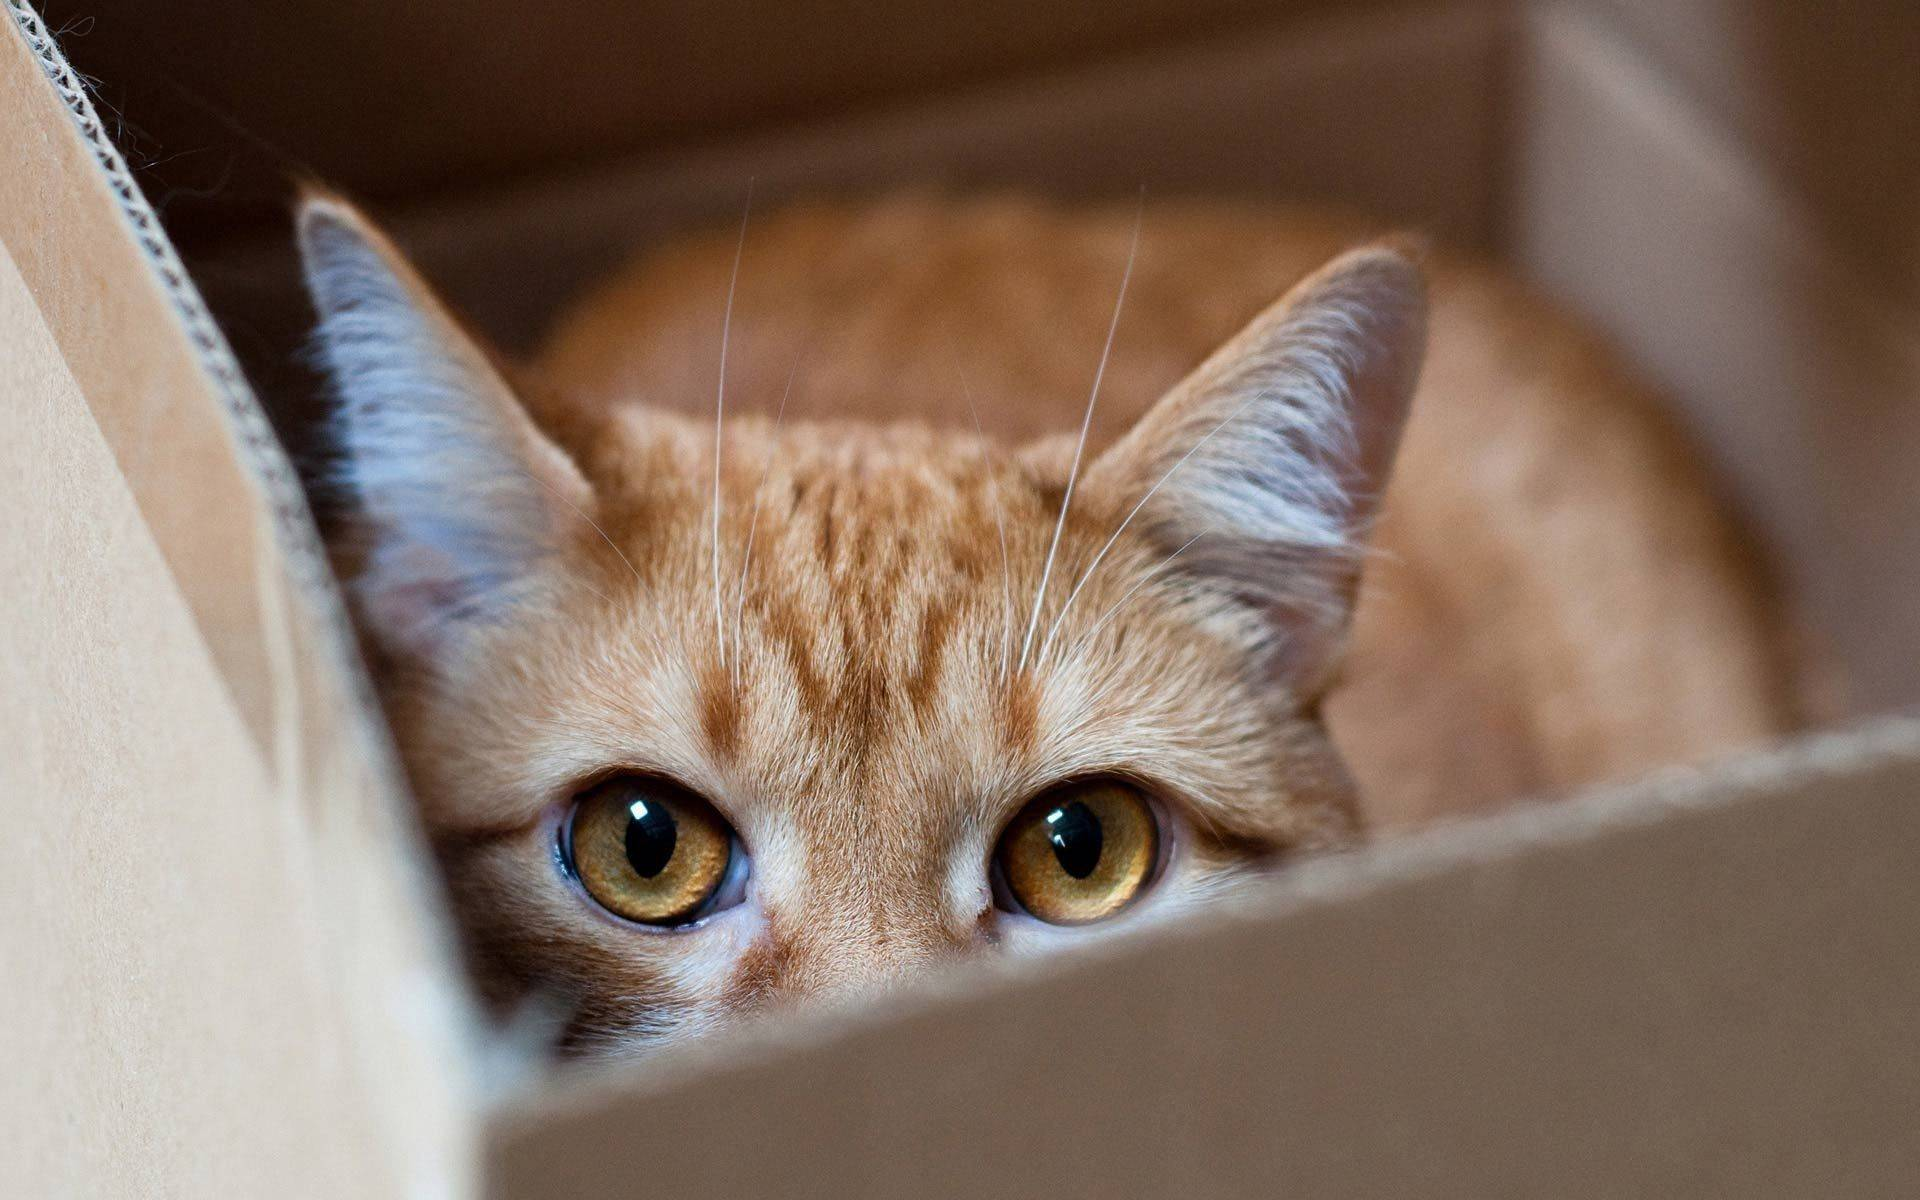 Метят ли кастрированные коты территорию а если кот уже метил до кастрации